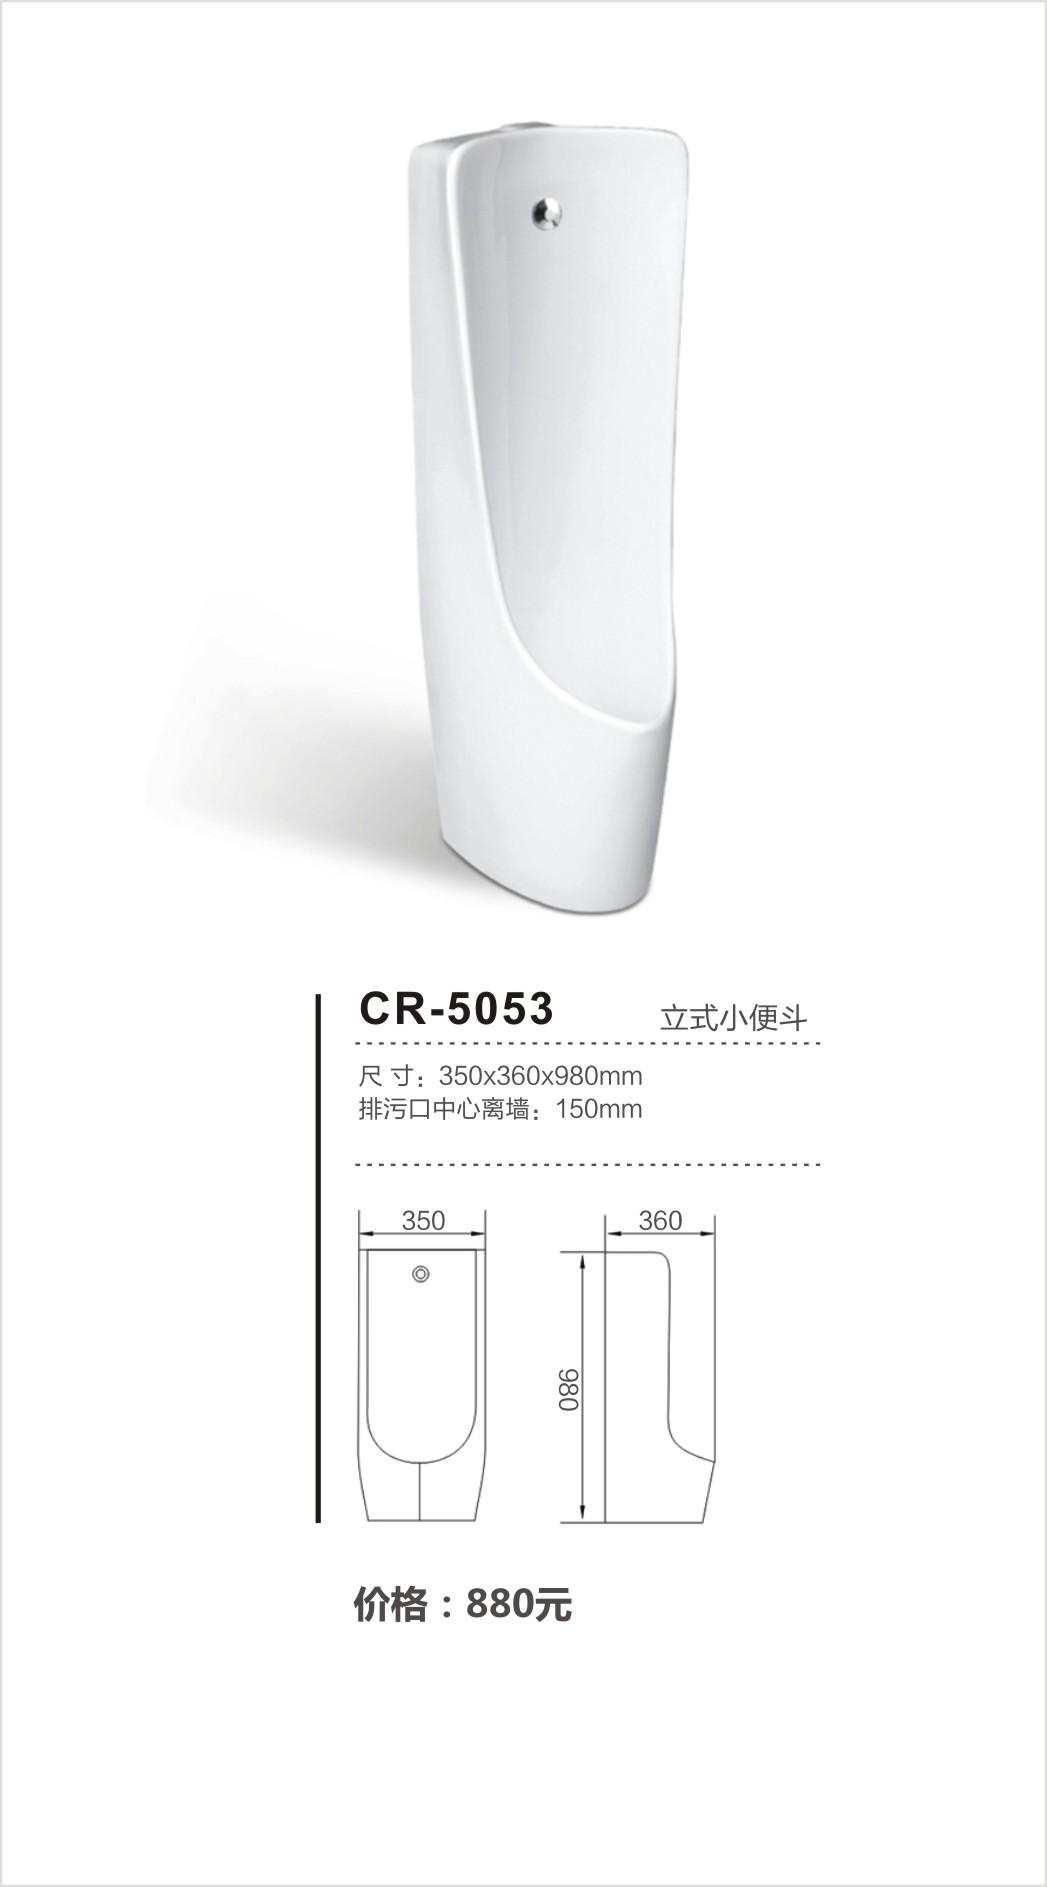 超人(chaoren)卫浴系列尿斗CR-5053